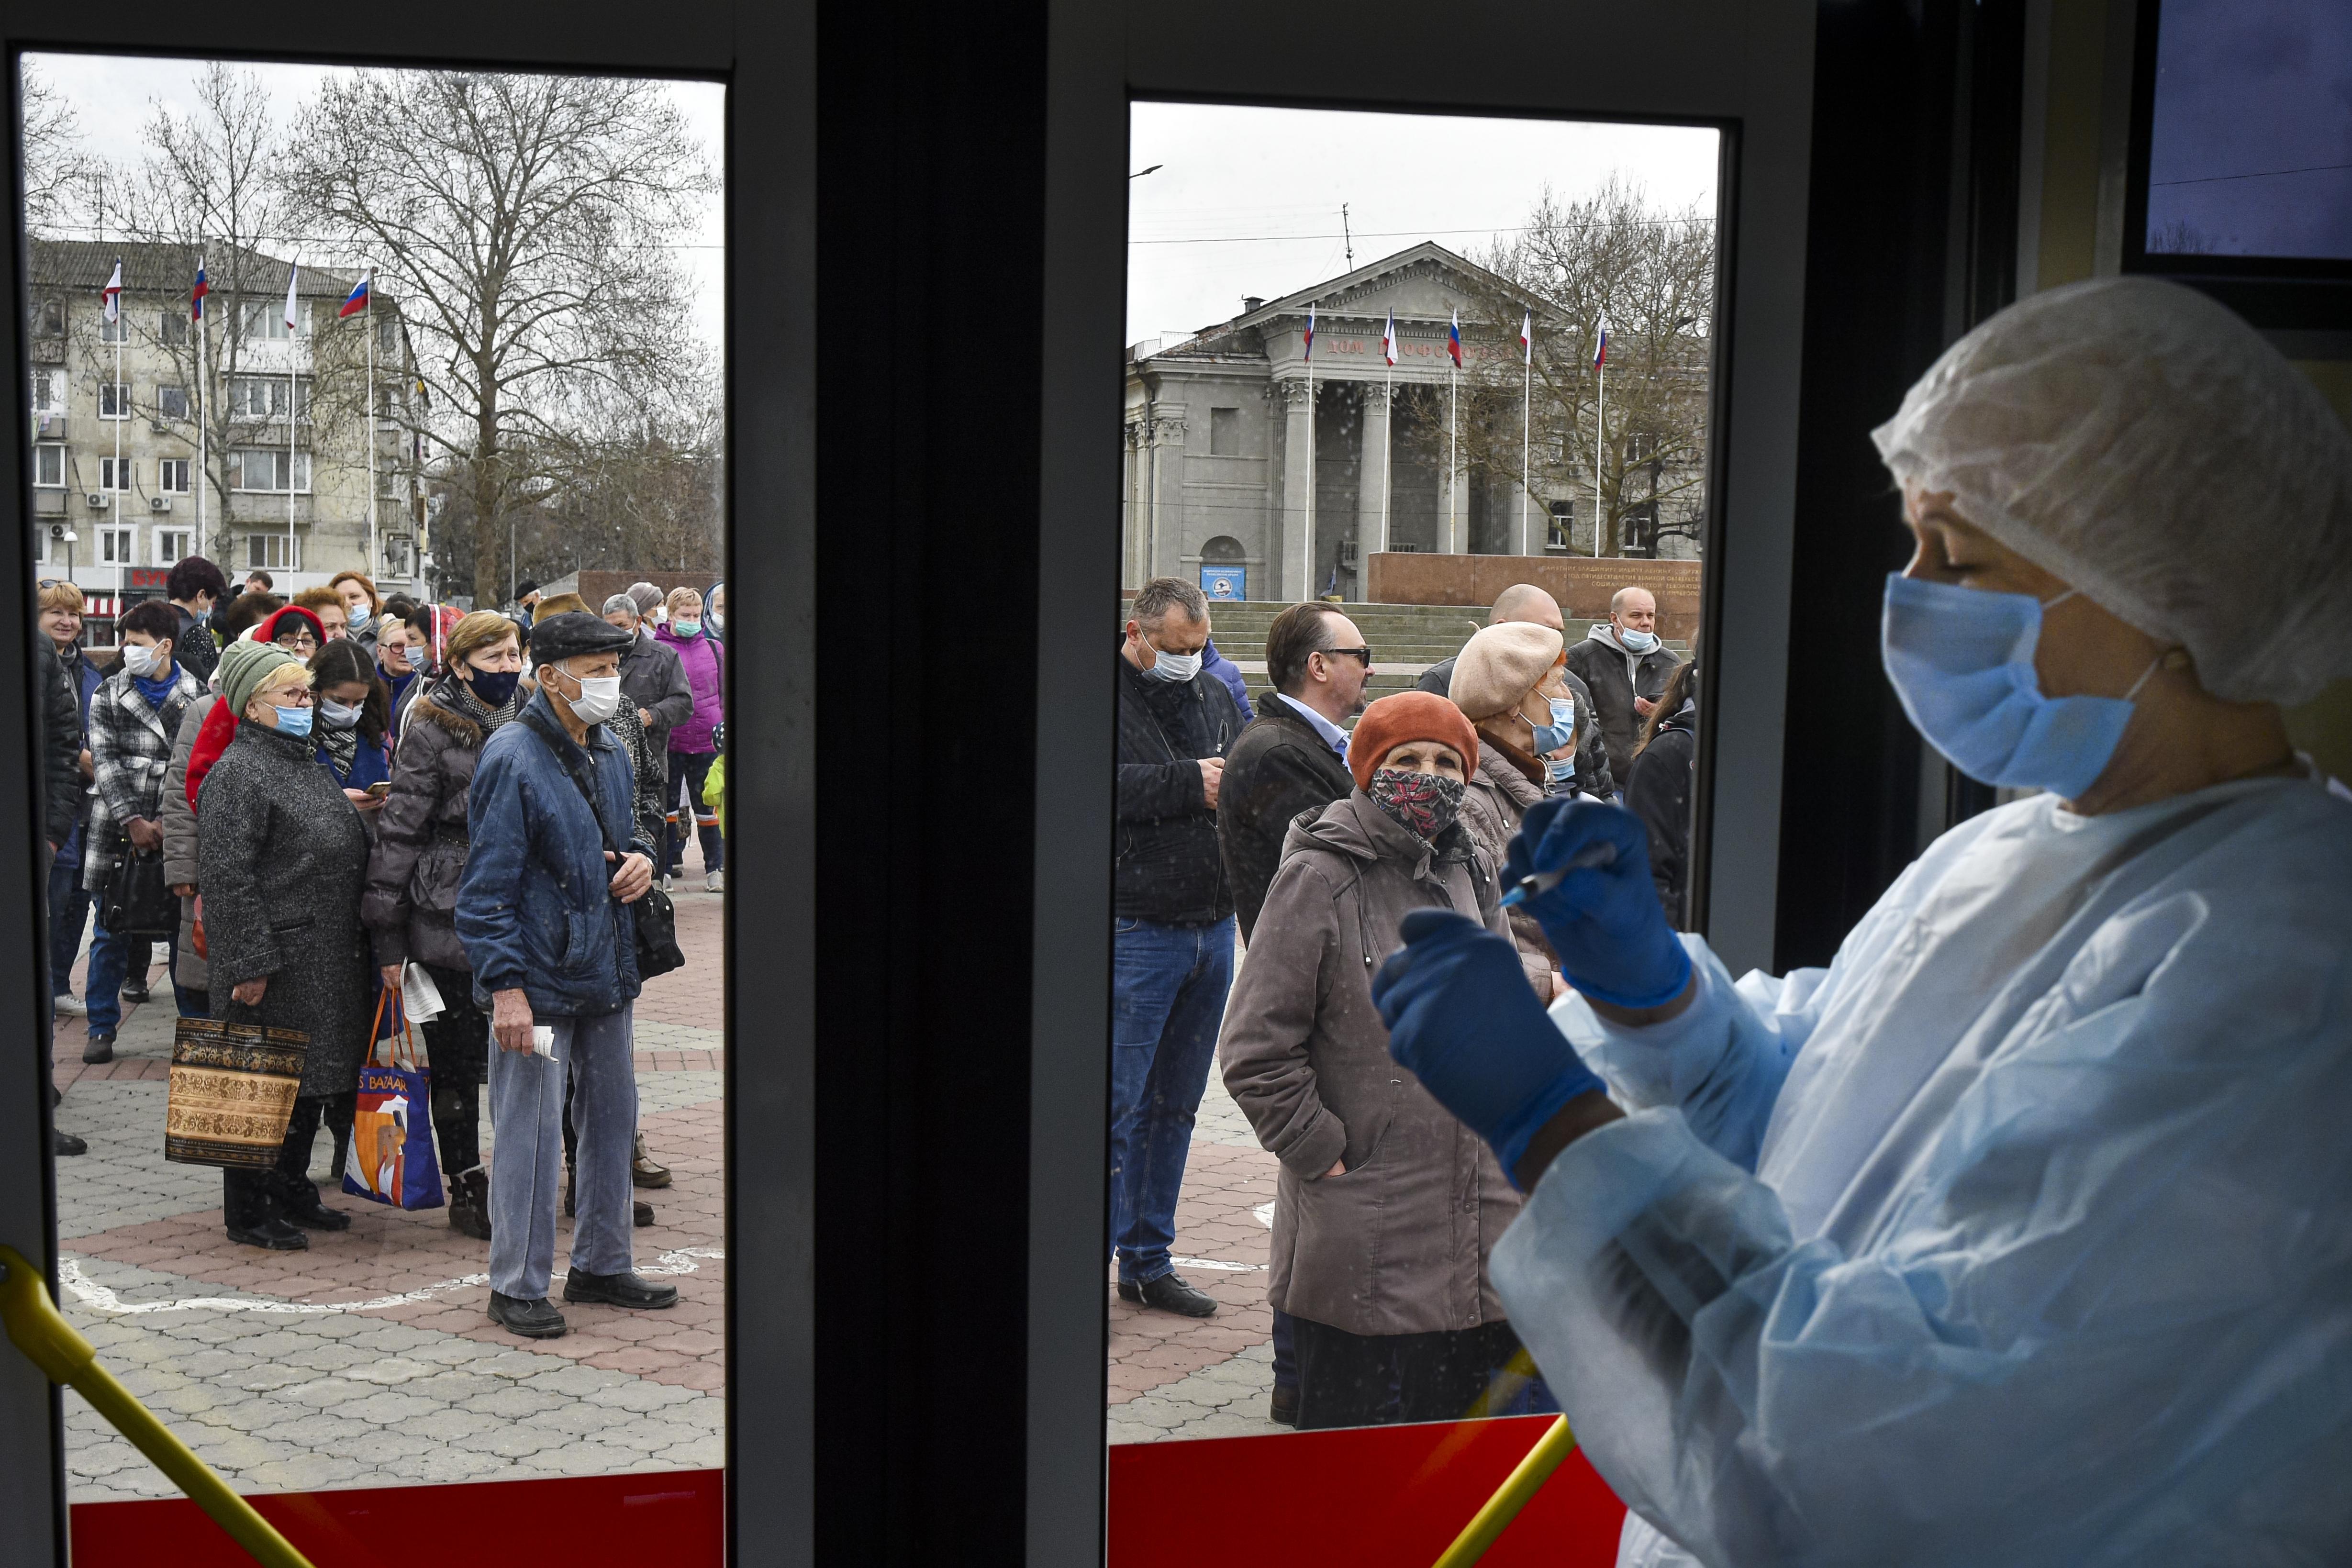 Aktuálne informácie o Koronavíruse COVID-19 na Slovensku ku dňu 7. 5. 2021